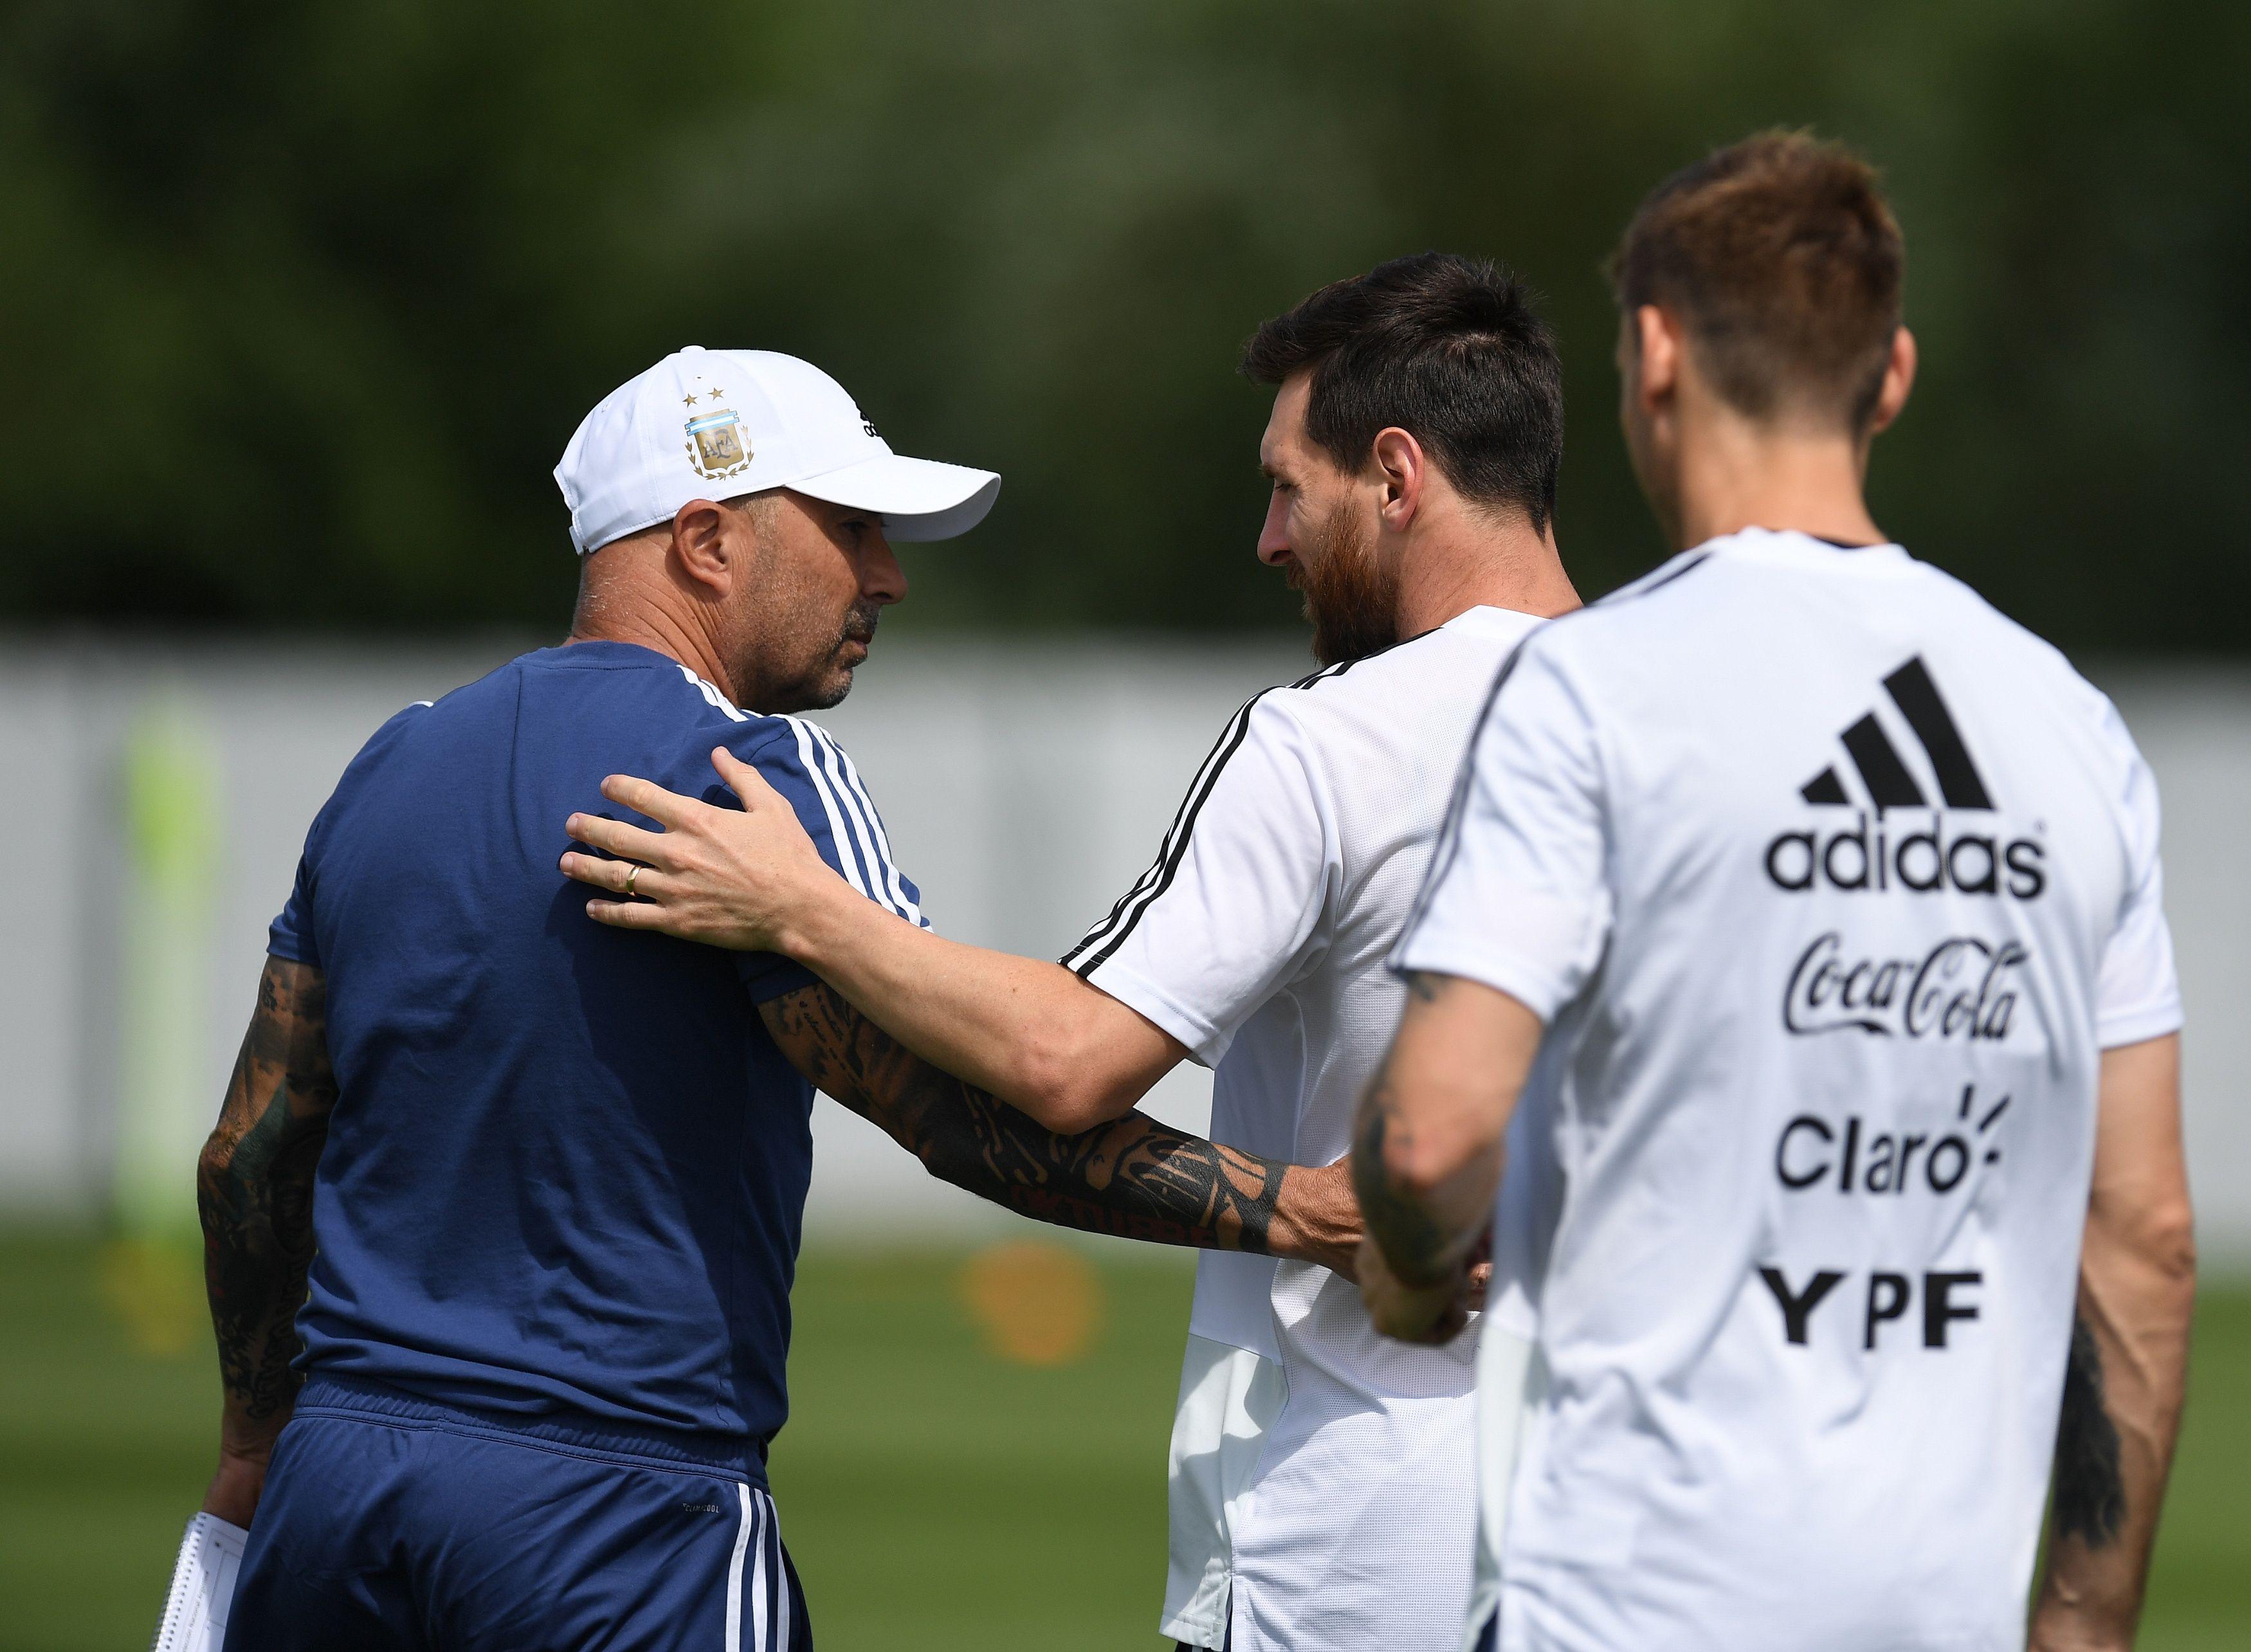 Beso y palmada: el saludo de Sampaoli a Messi por su cumpleaños